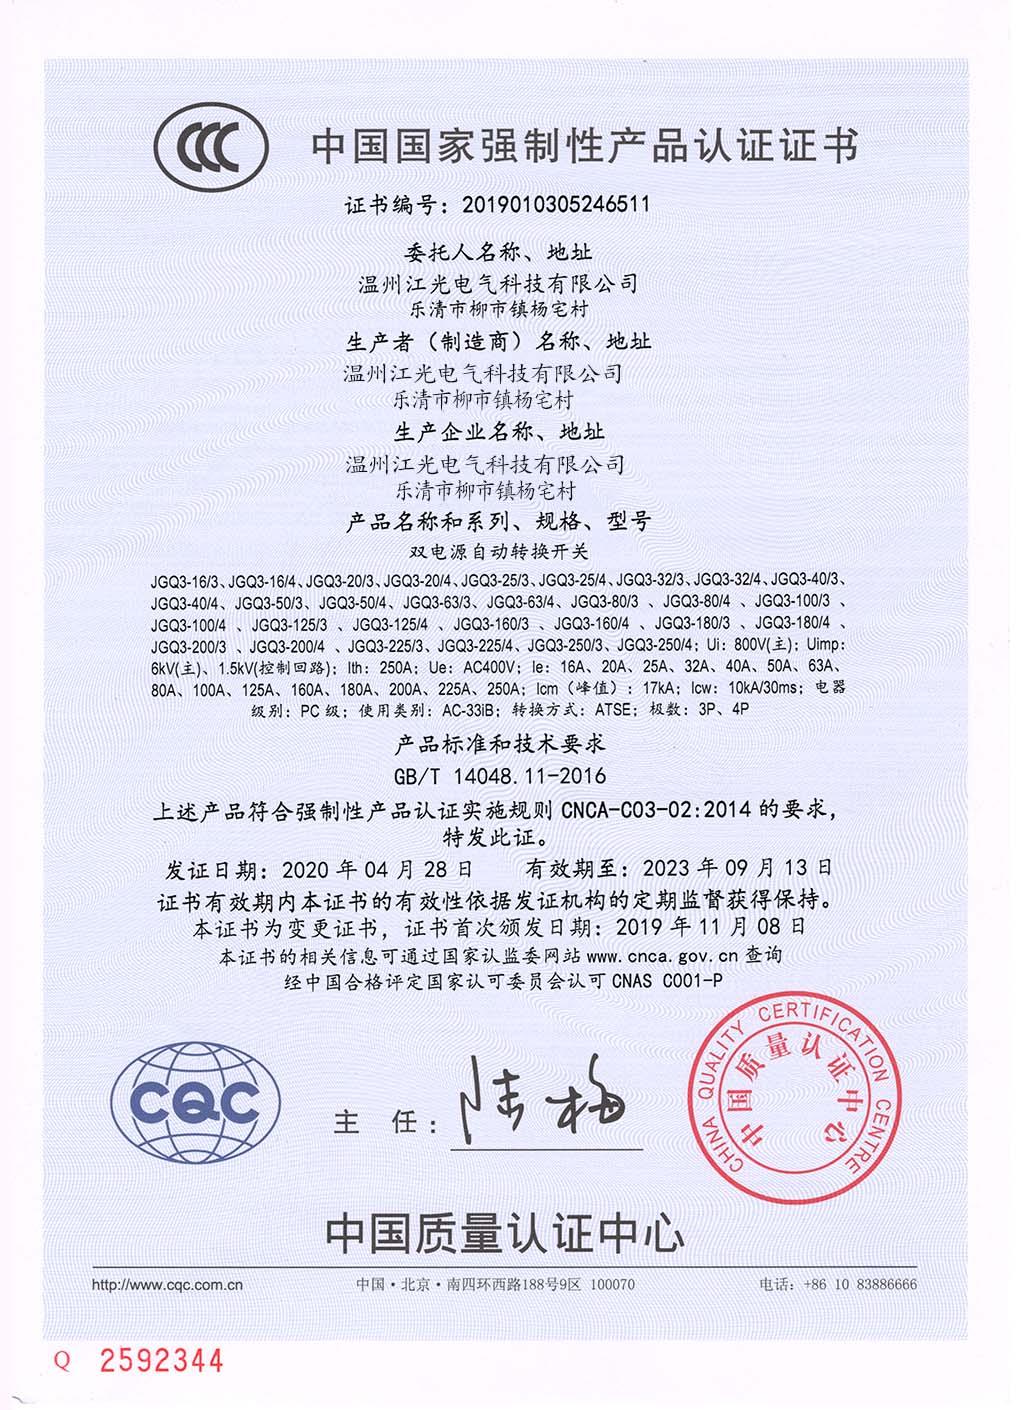 双电源自动转换开关 3C证书 JGQ3-100